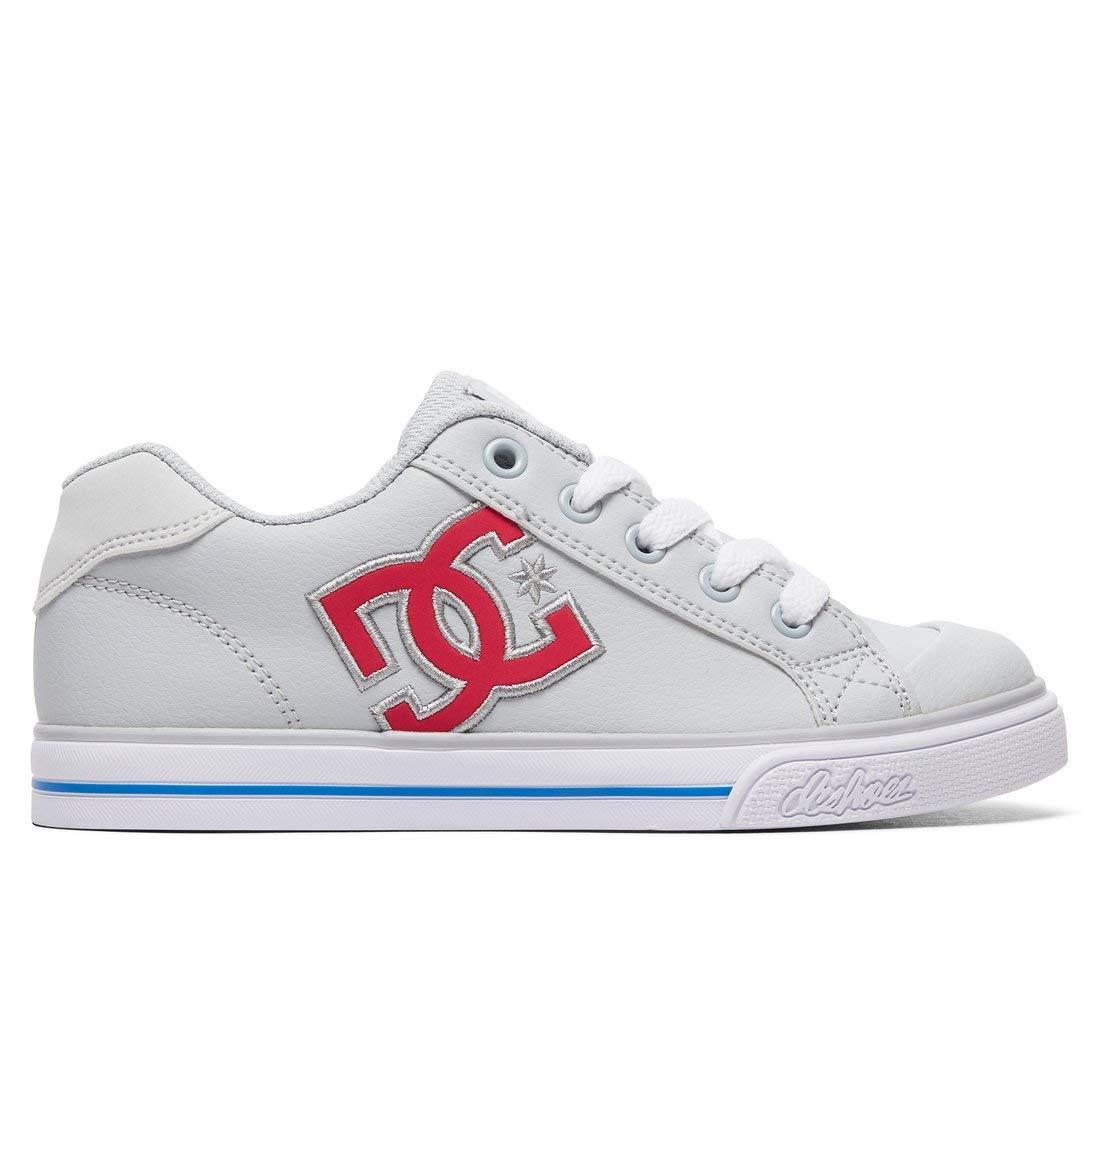 DC Shoes Girls Shoes Chelsea - Shoes - Girls 8-16 - US 12 - Grey Grey/Pink US 12 / UK 11 / EU 29